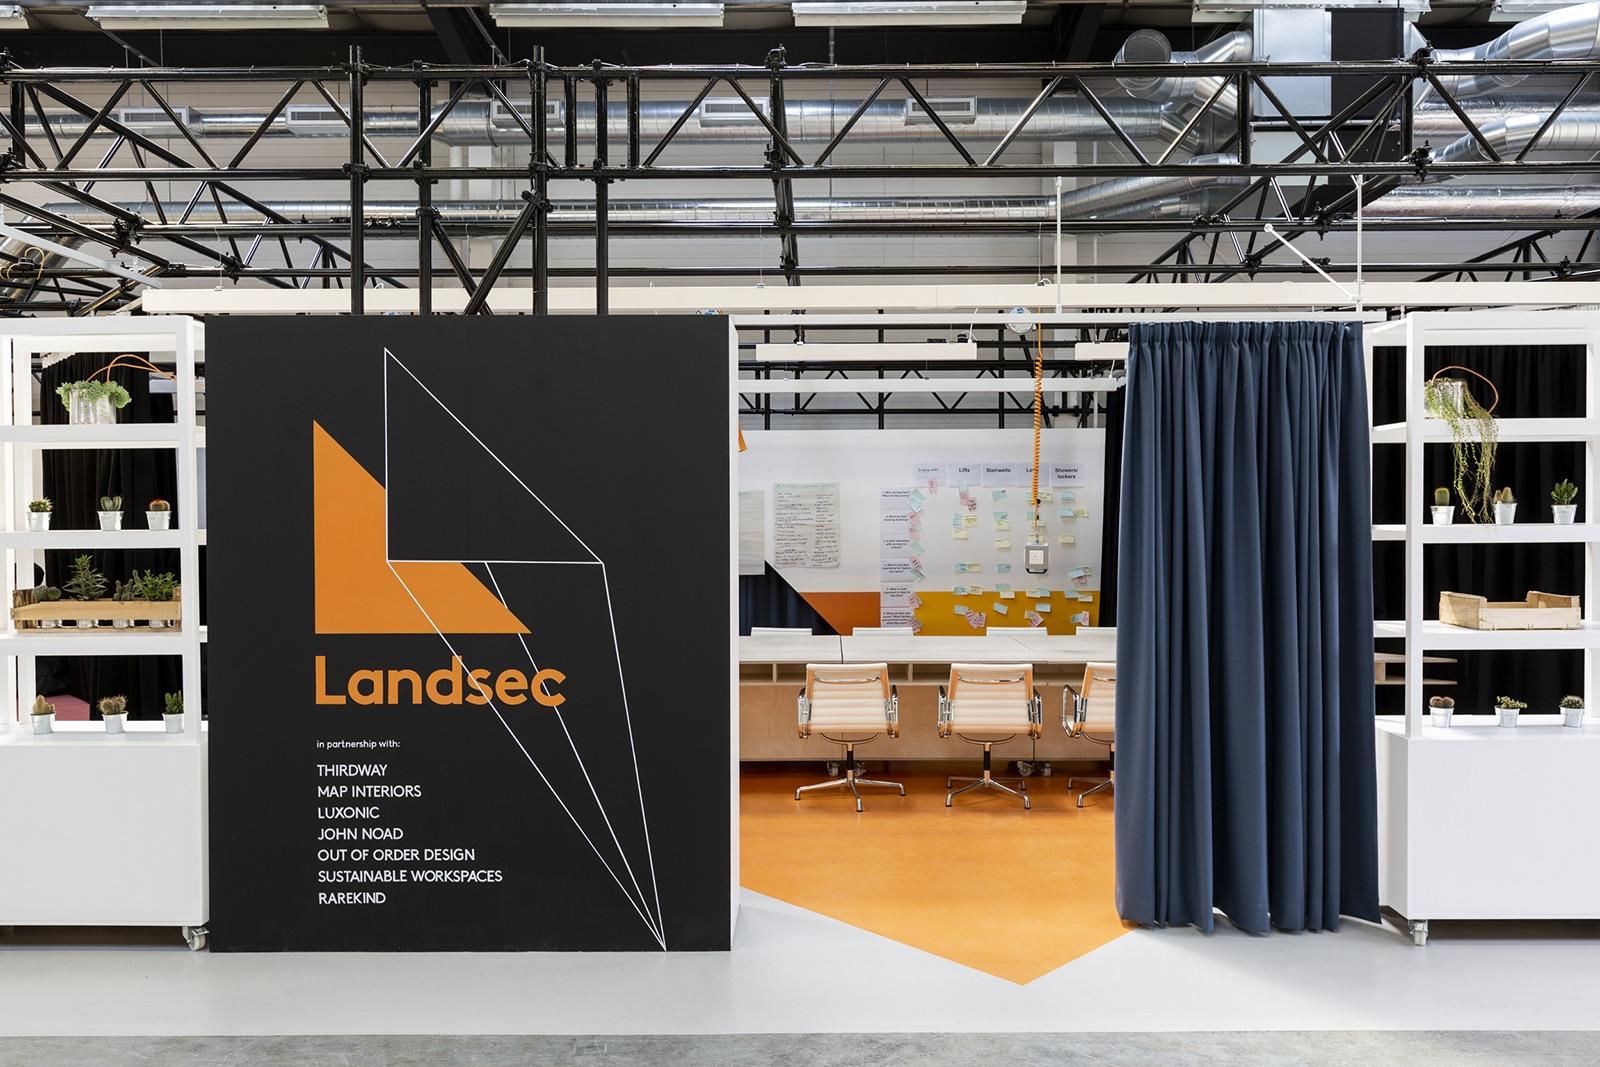 landsec-office-2